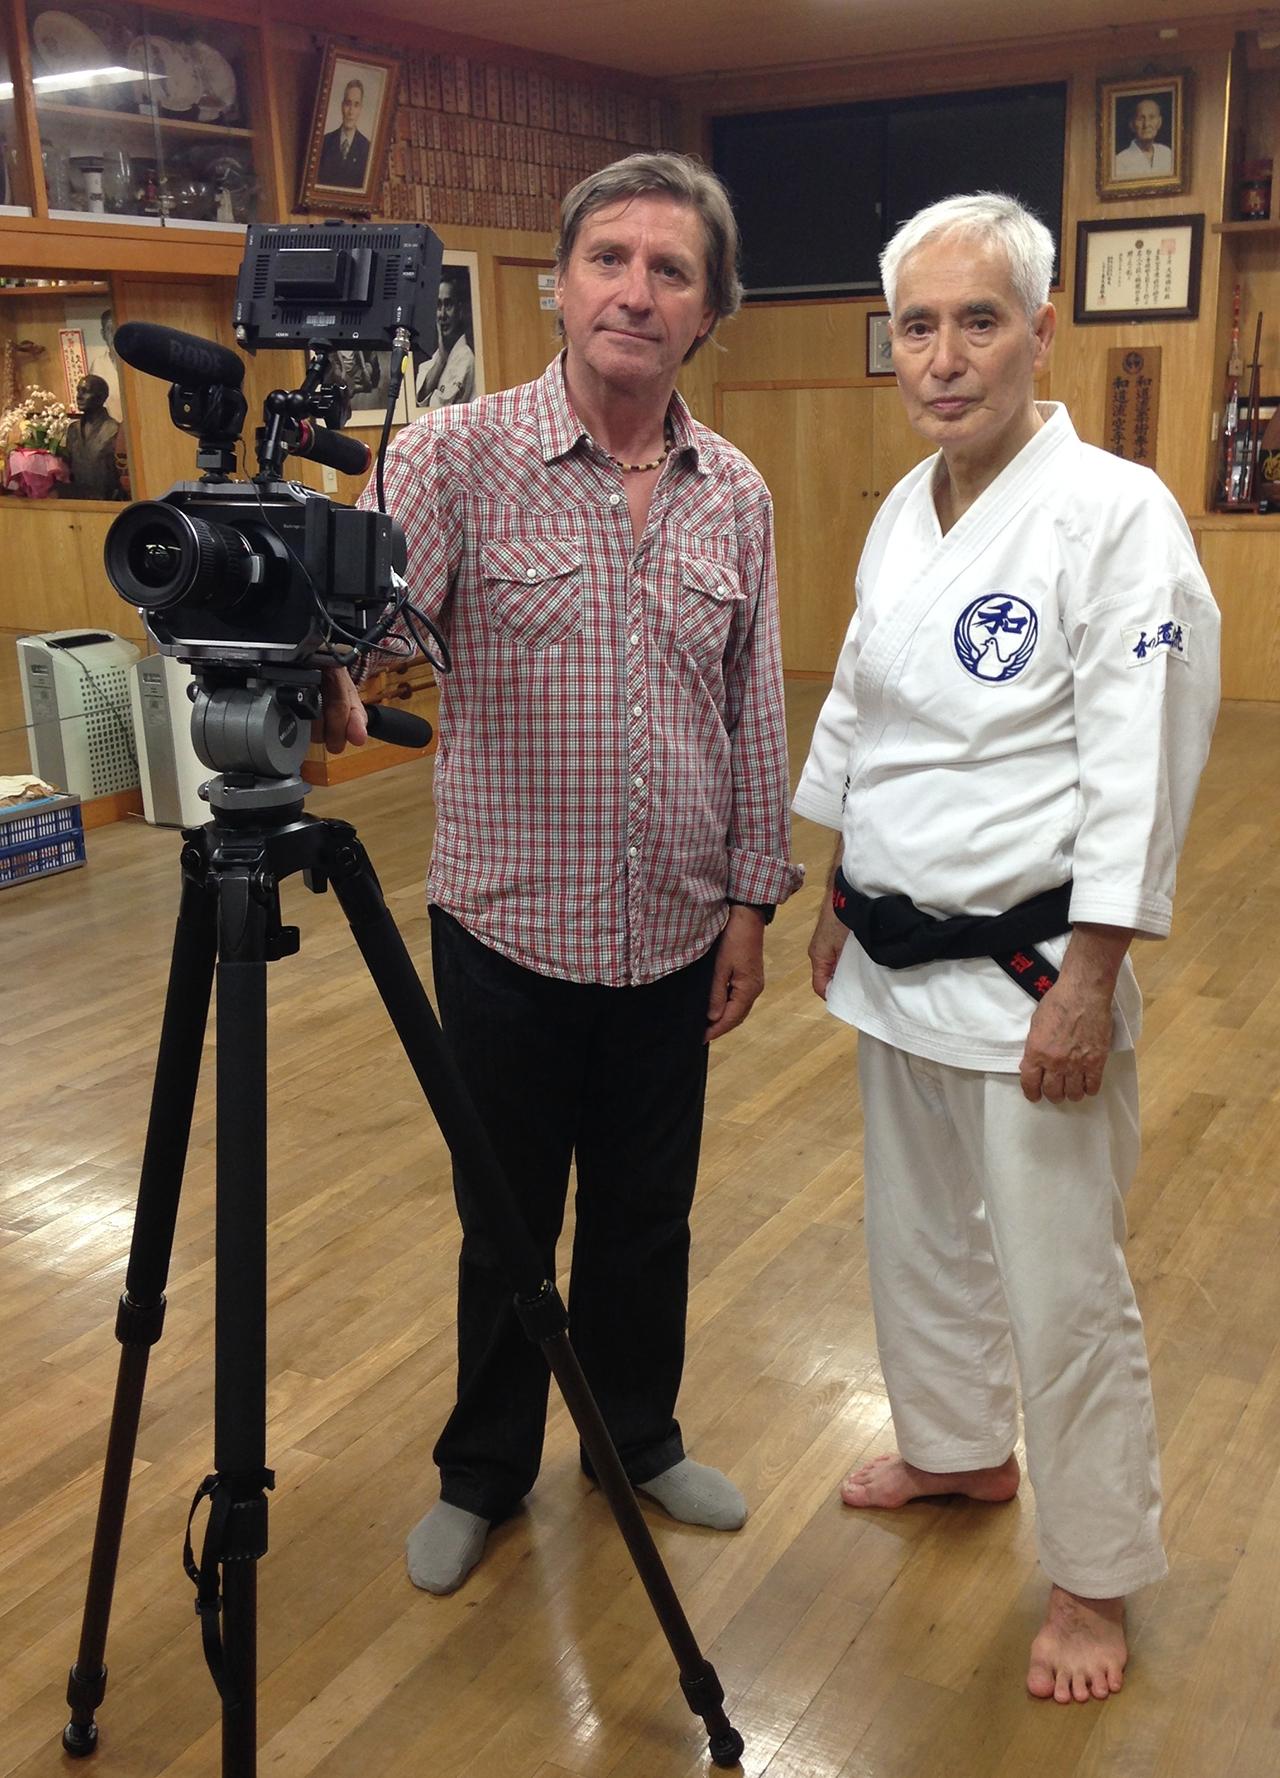 Master Hironori Ohtsuka, Wado Ryu Karate Hombo Dojo